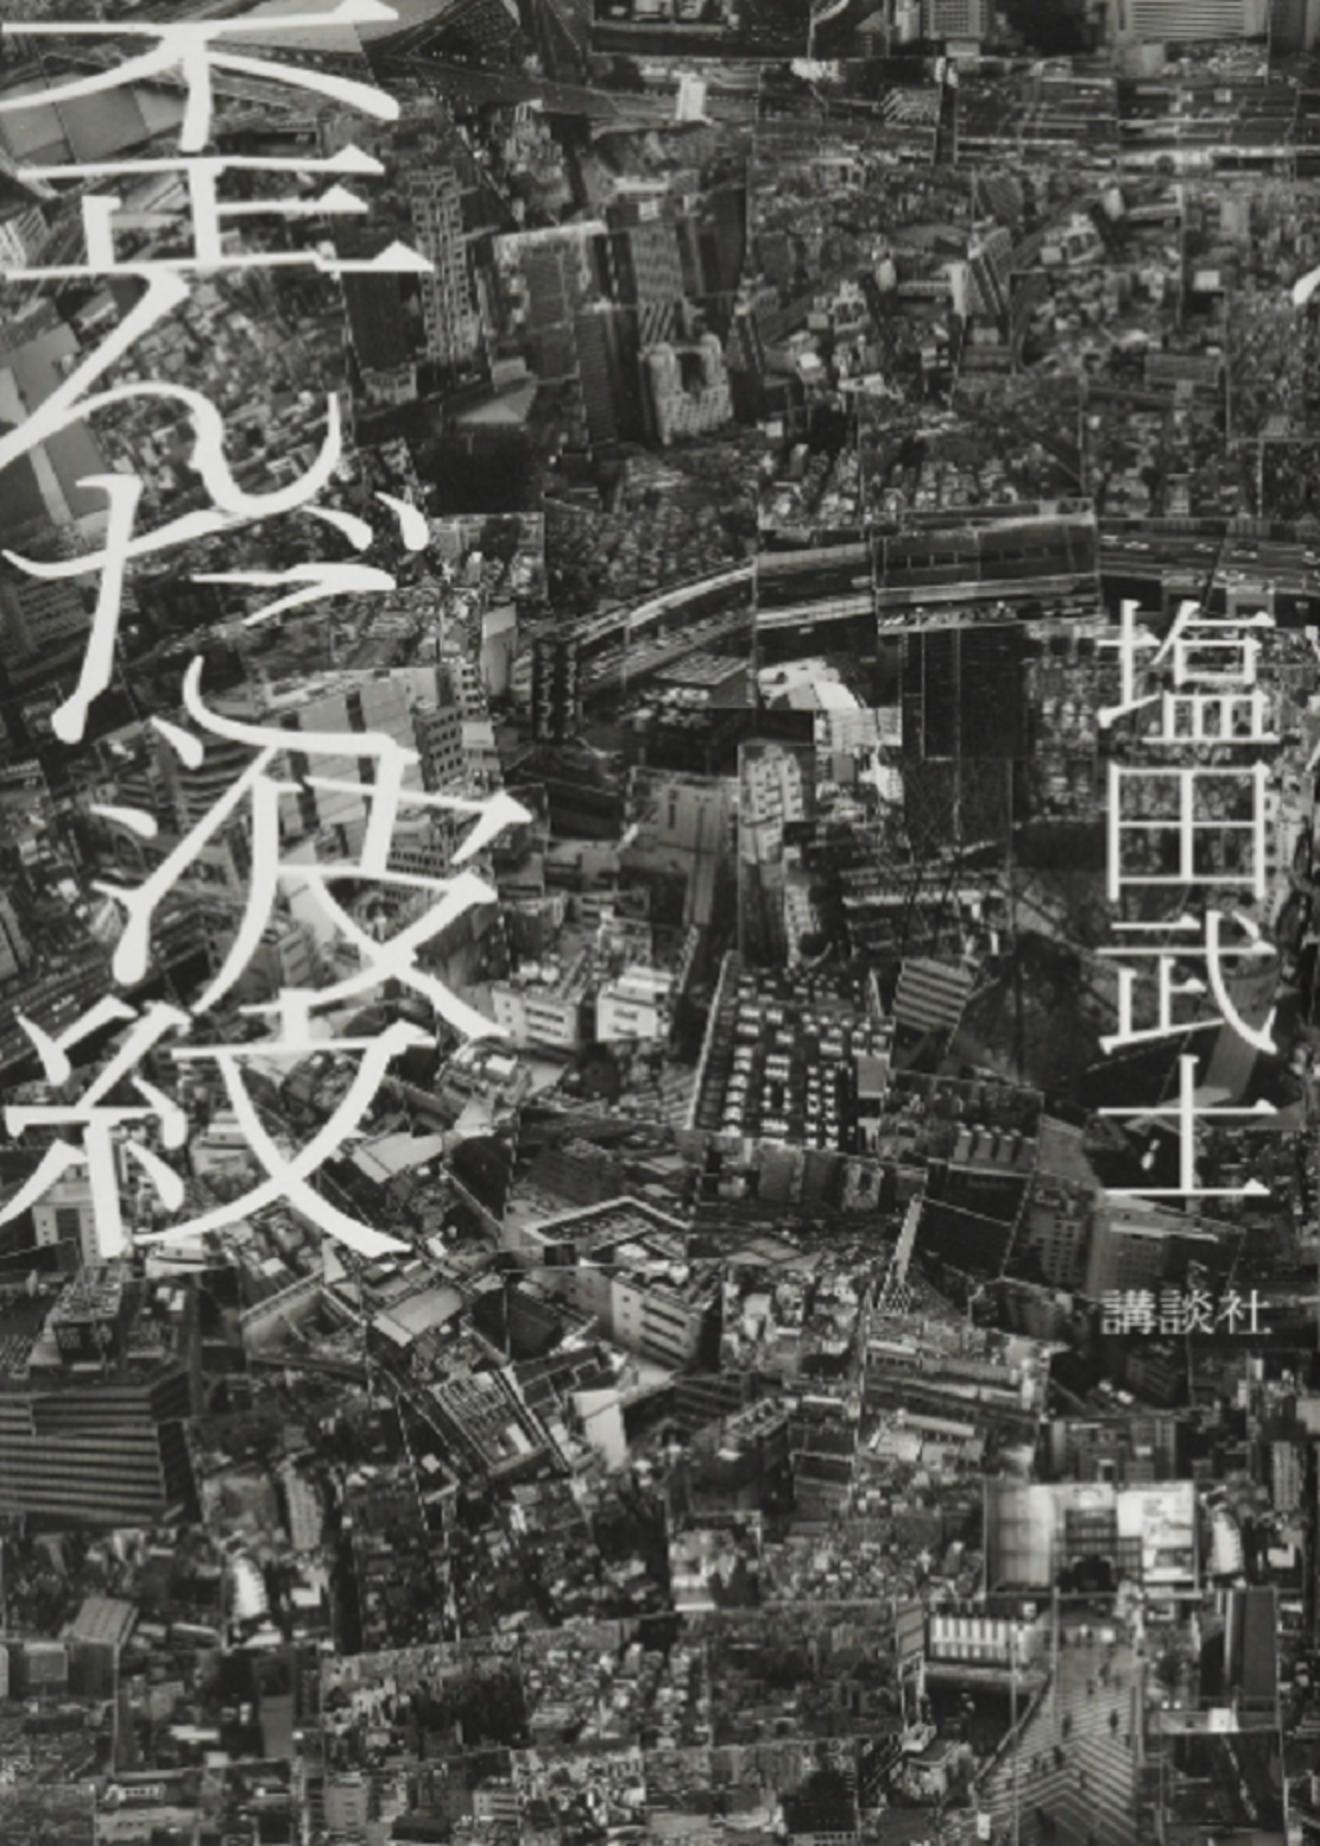 塩田武士『歪んだ波紋』の面白さを全編ネタバレ!NHKでドラマ化の原作小説